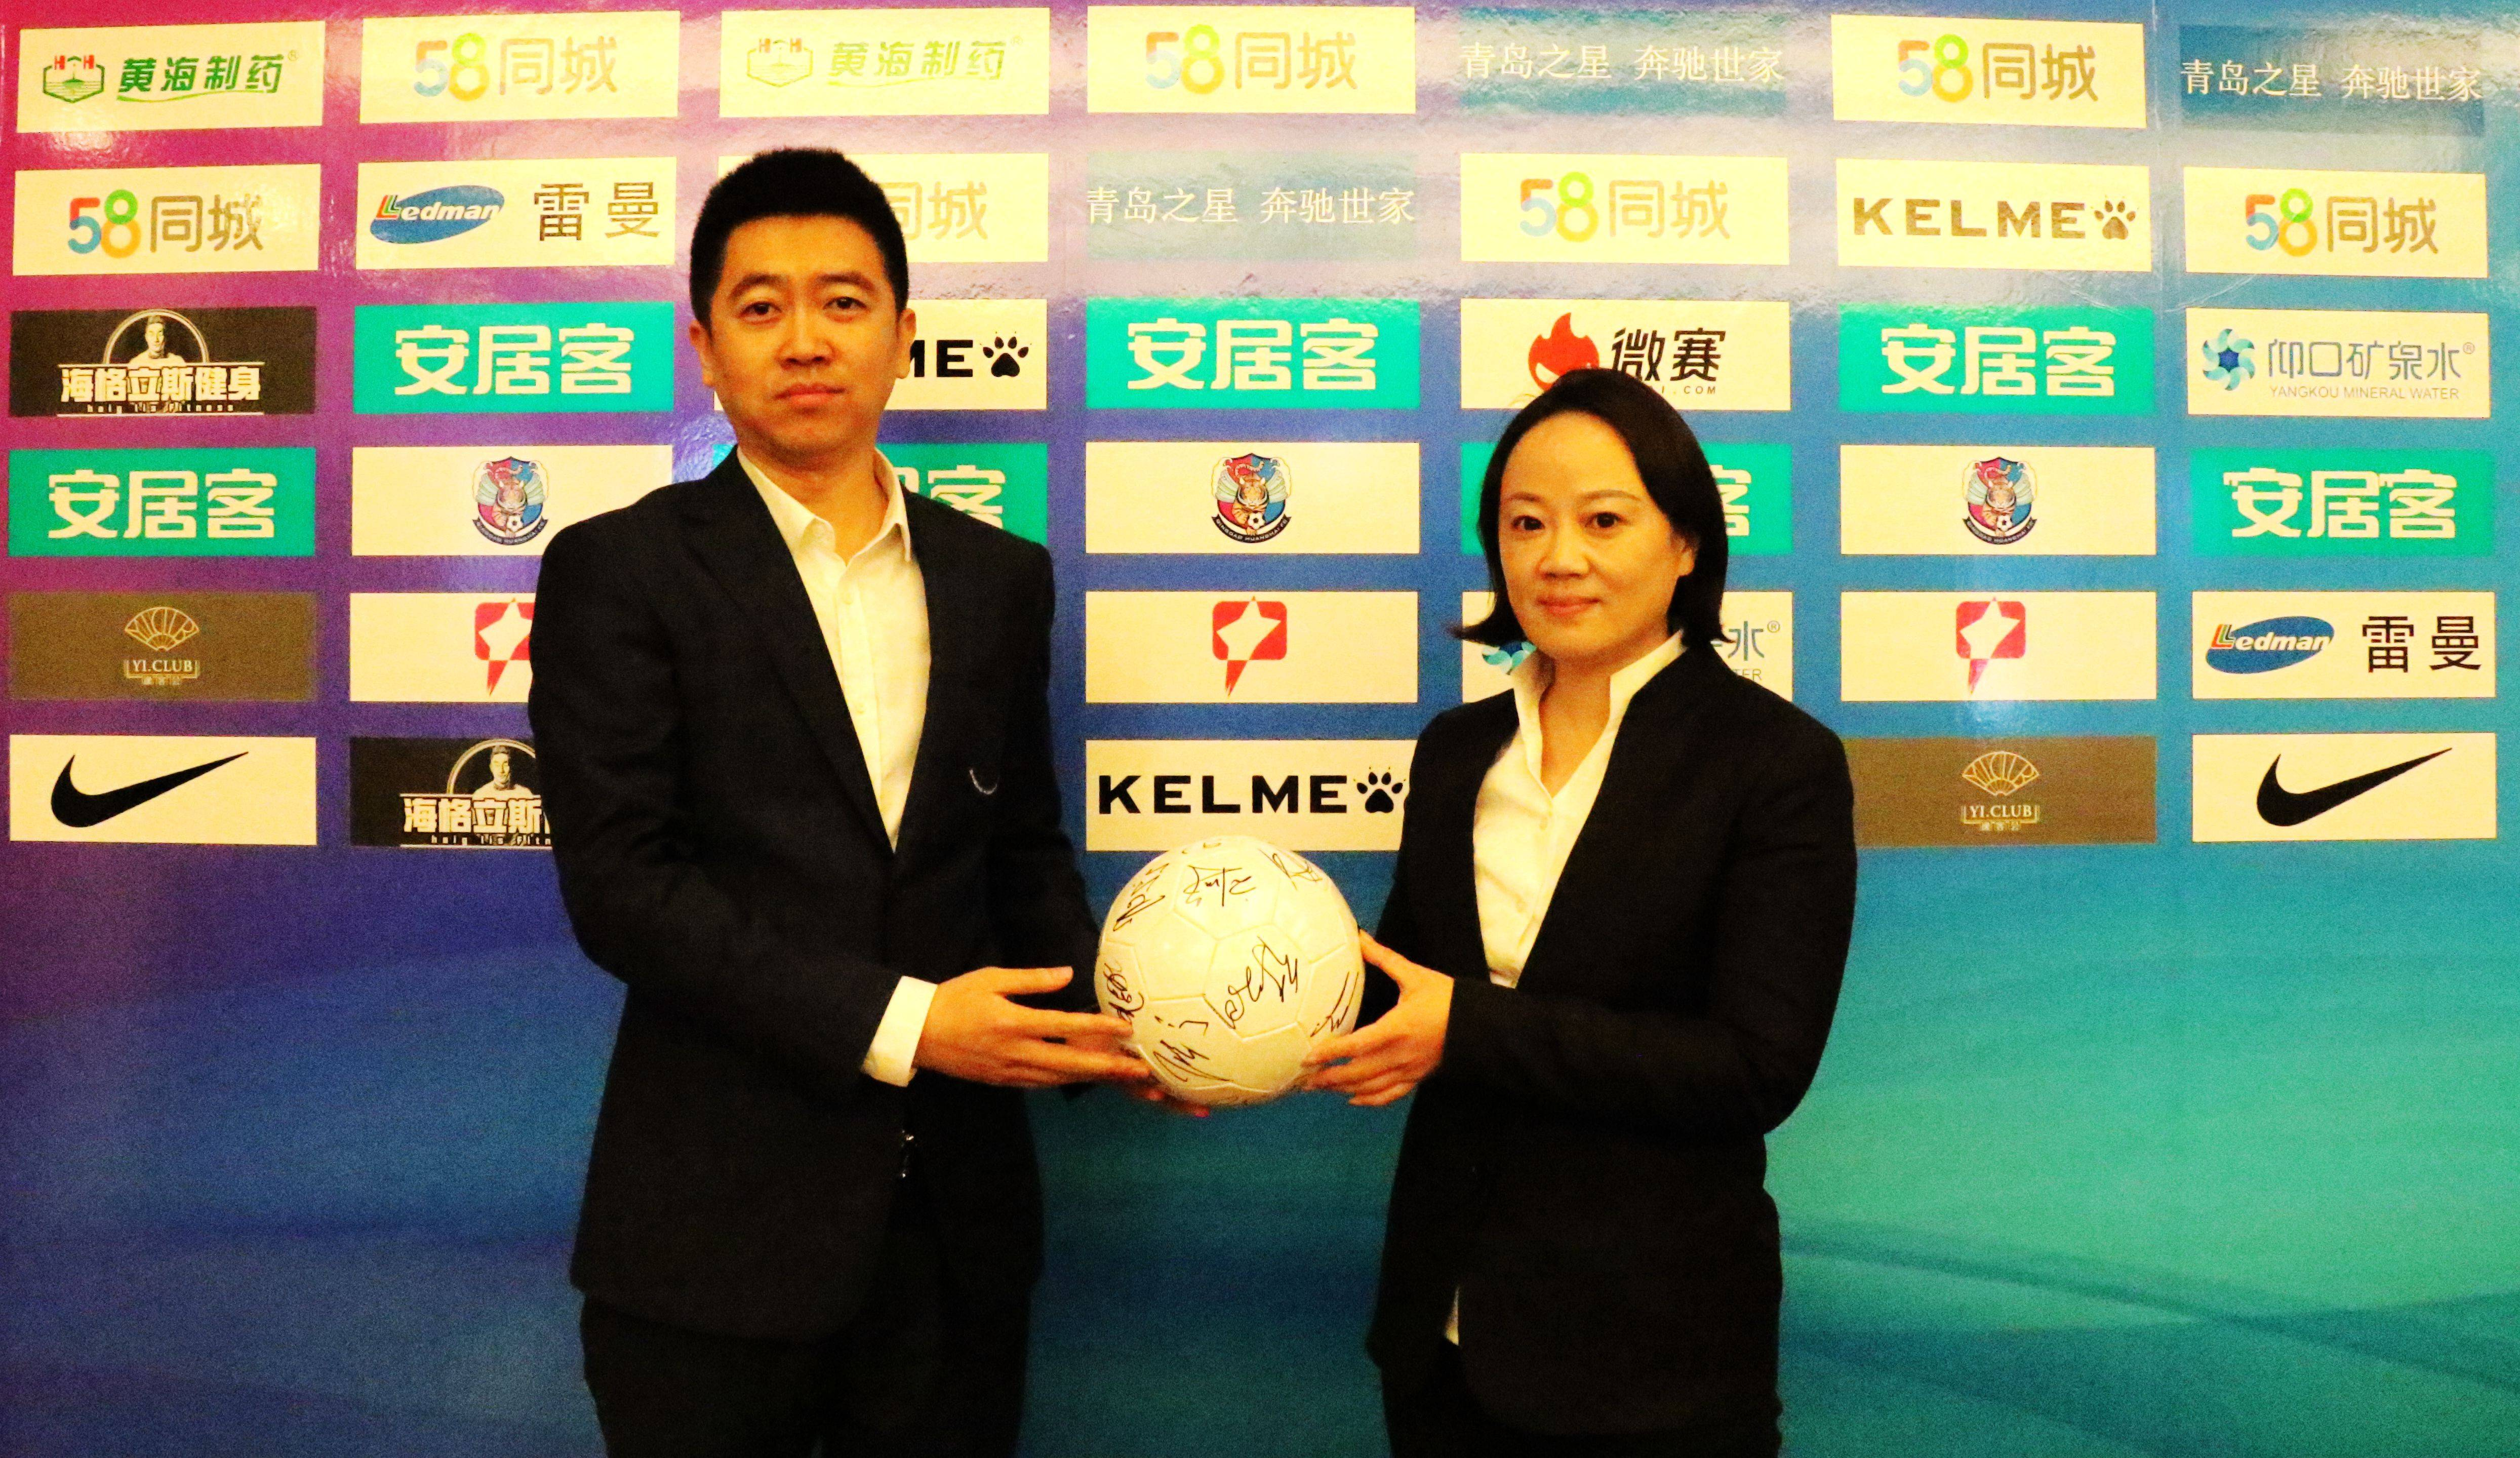 青岛黄海足球俱乐部2017赛季中甲联赛的官方合作伙伴